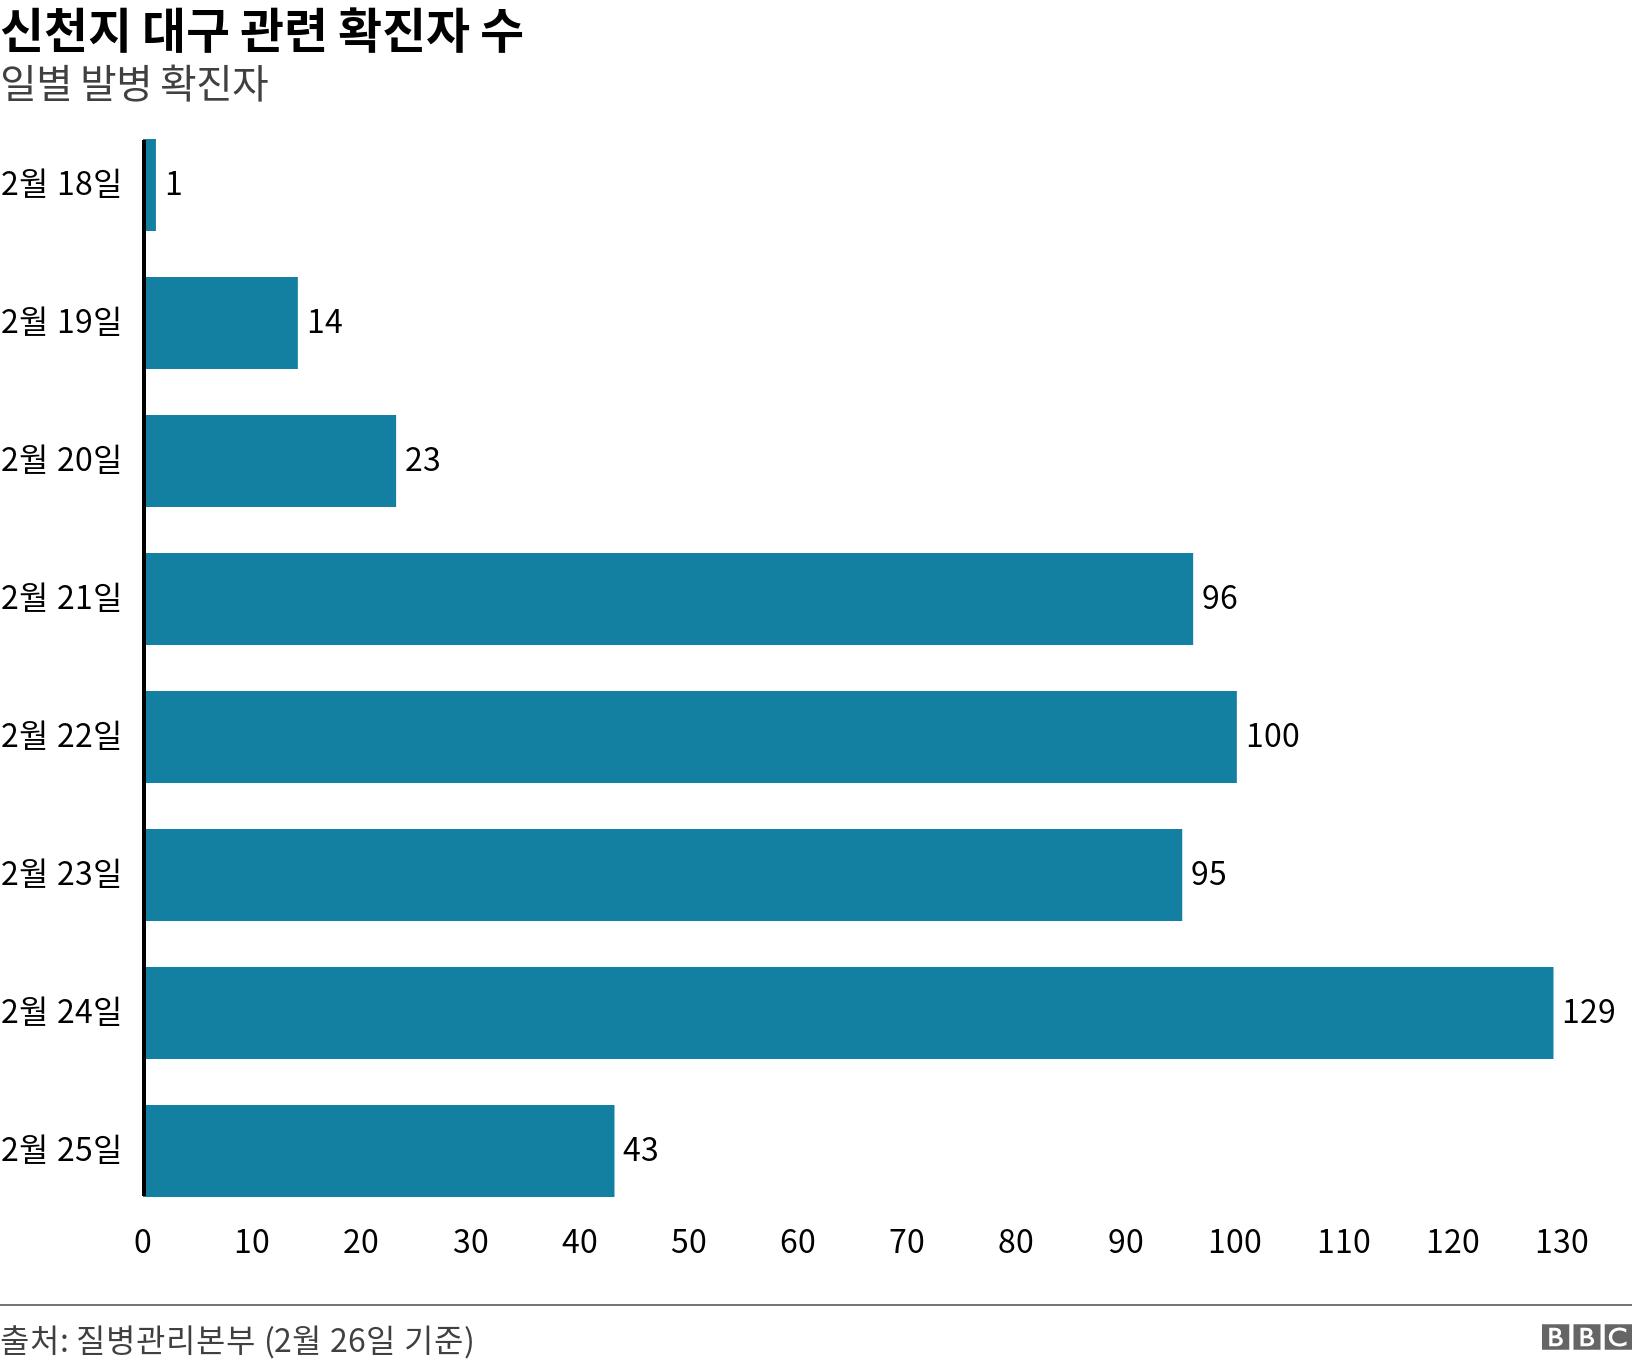 신천지 대구 관련 확진자 수. 일별 발병 확진자. Number of new confirmed cases per day related to the religious sect.  .